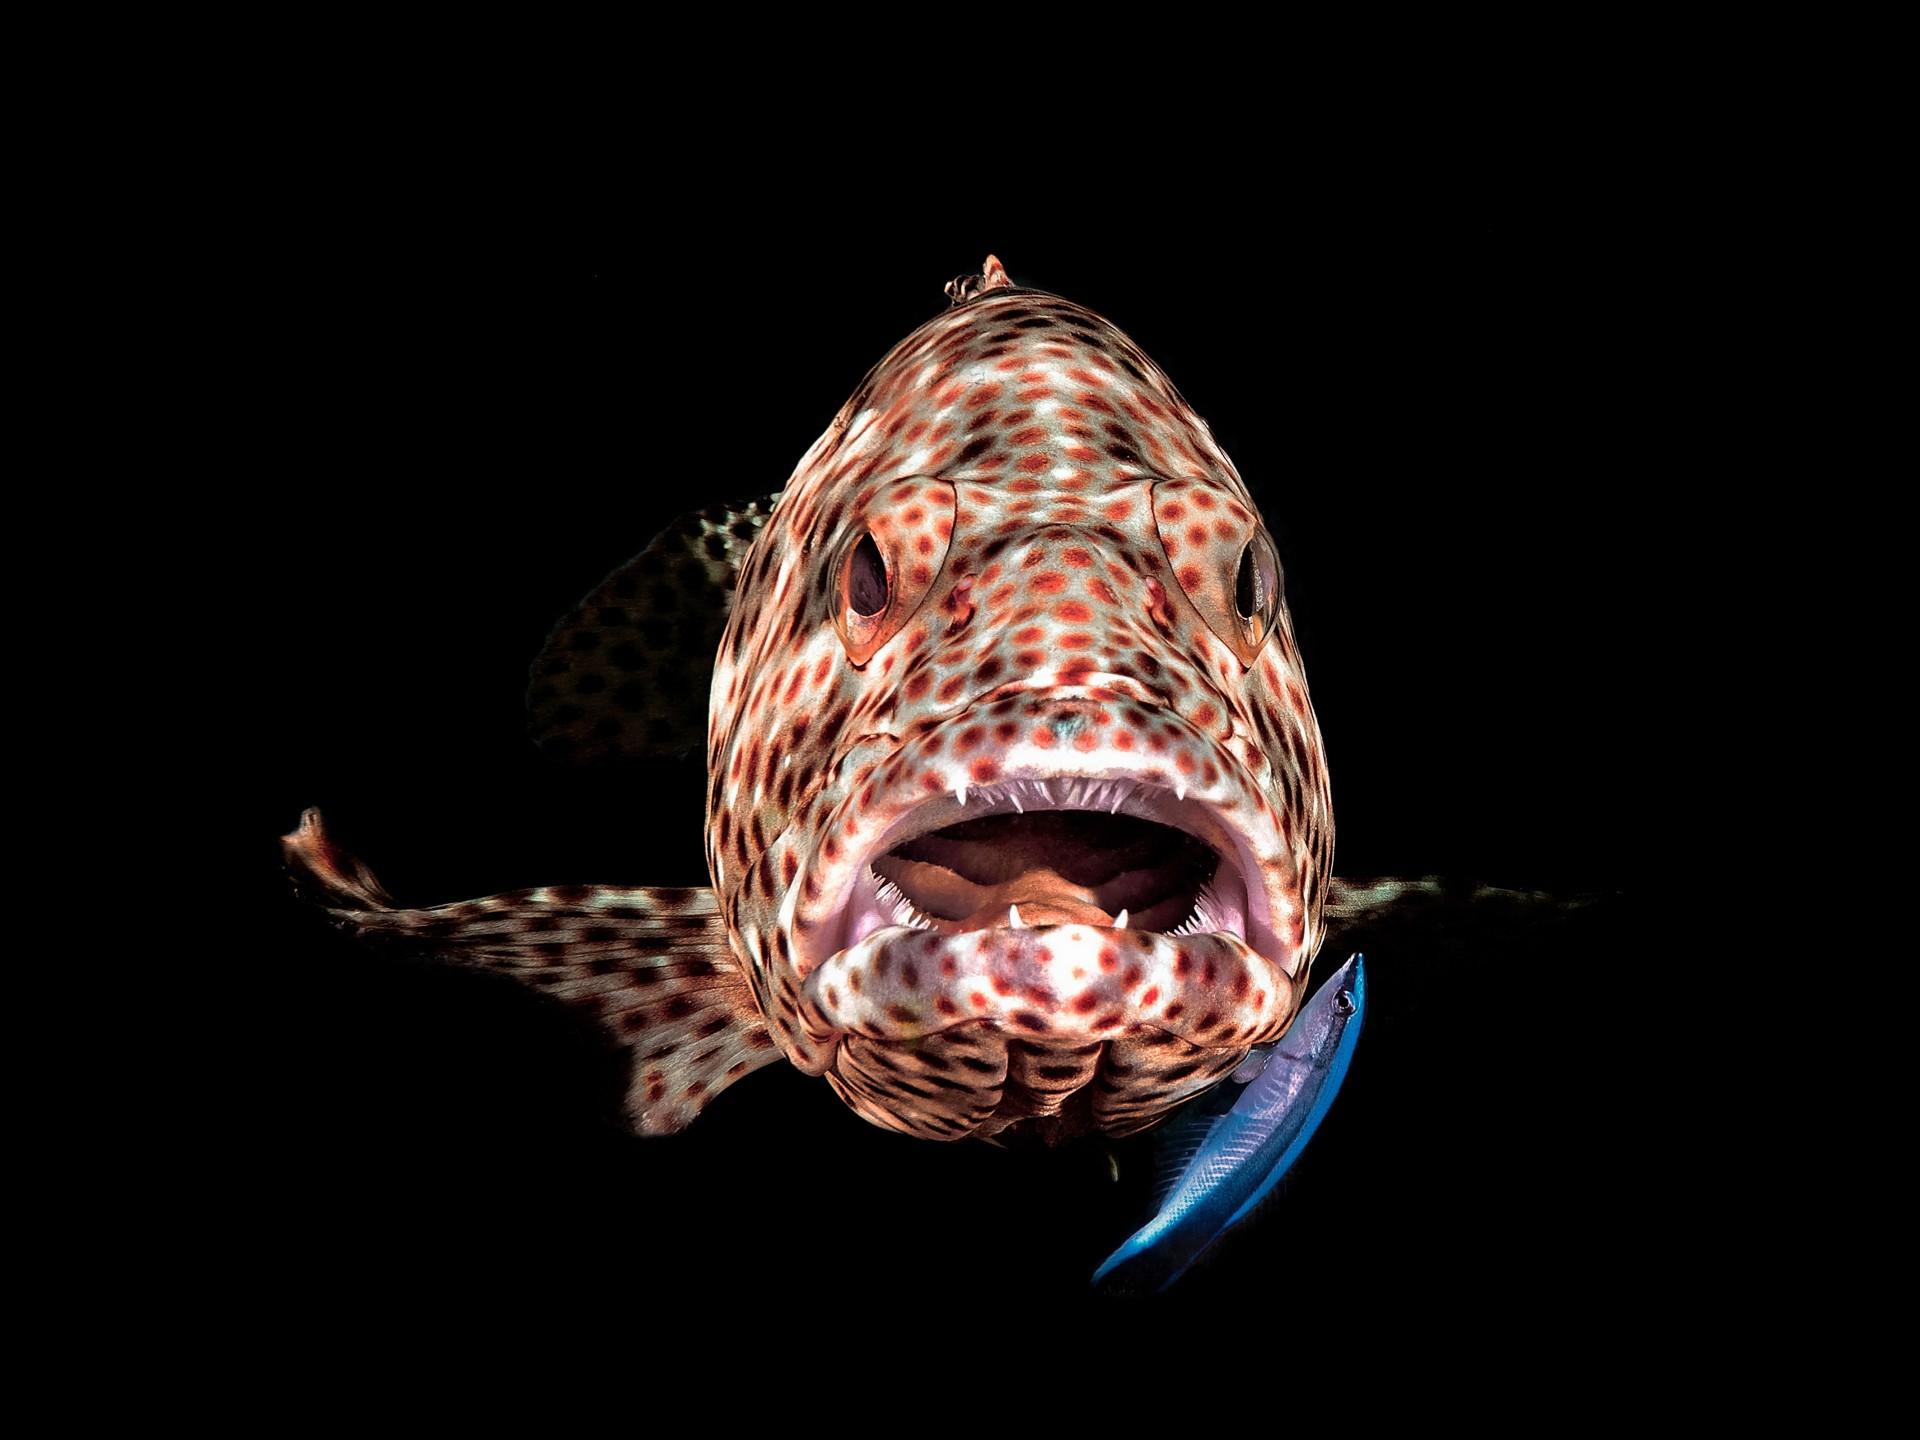 Fotó: ifj. Lőrincz Ferenc: Tátott szájú Fűrészes sügér<br />Kategória: Élet a vízfelszín alatt<br />Helyezés: 3. díj<br /><br />Fűrészes sügér és az őt takarító tisztogató hal, Marsa Shagra, Egyiptom. A korallzátonyok bizonyos részein pár négyzetméteres területeken élnek a néhány egyedből álló tisztogató hal kolóniák, amelyeket a környéken élő halak rendszeresen meglátogatnak. A kép egy ilyen 'tisztító állomáson' készült. A tisztogató halak az egyébként harcias, de ilyenkor megszelidülő sügér szájából letisztítják a külső élősködőket, nyálkát, elhalt őrt és pikkelyt egy érdekes és egyedülálló szimbiózis jegyében.